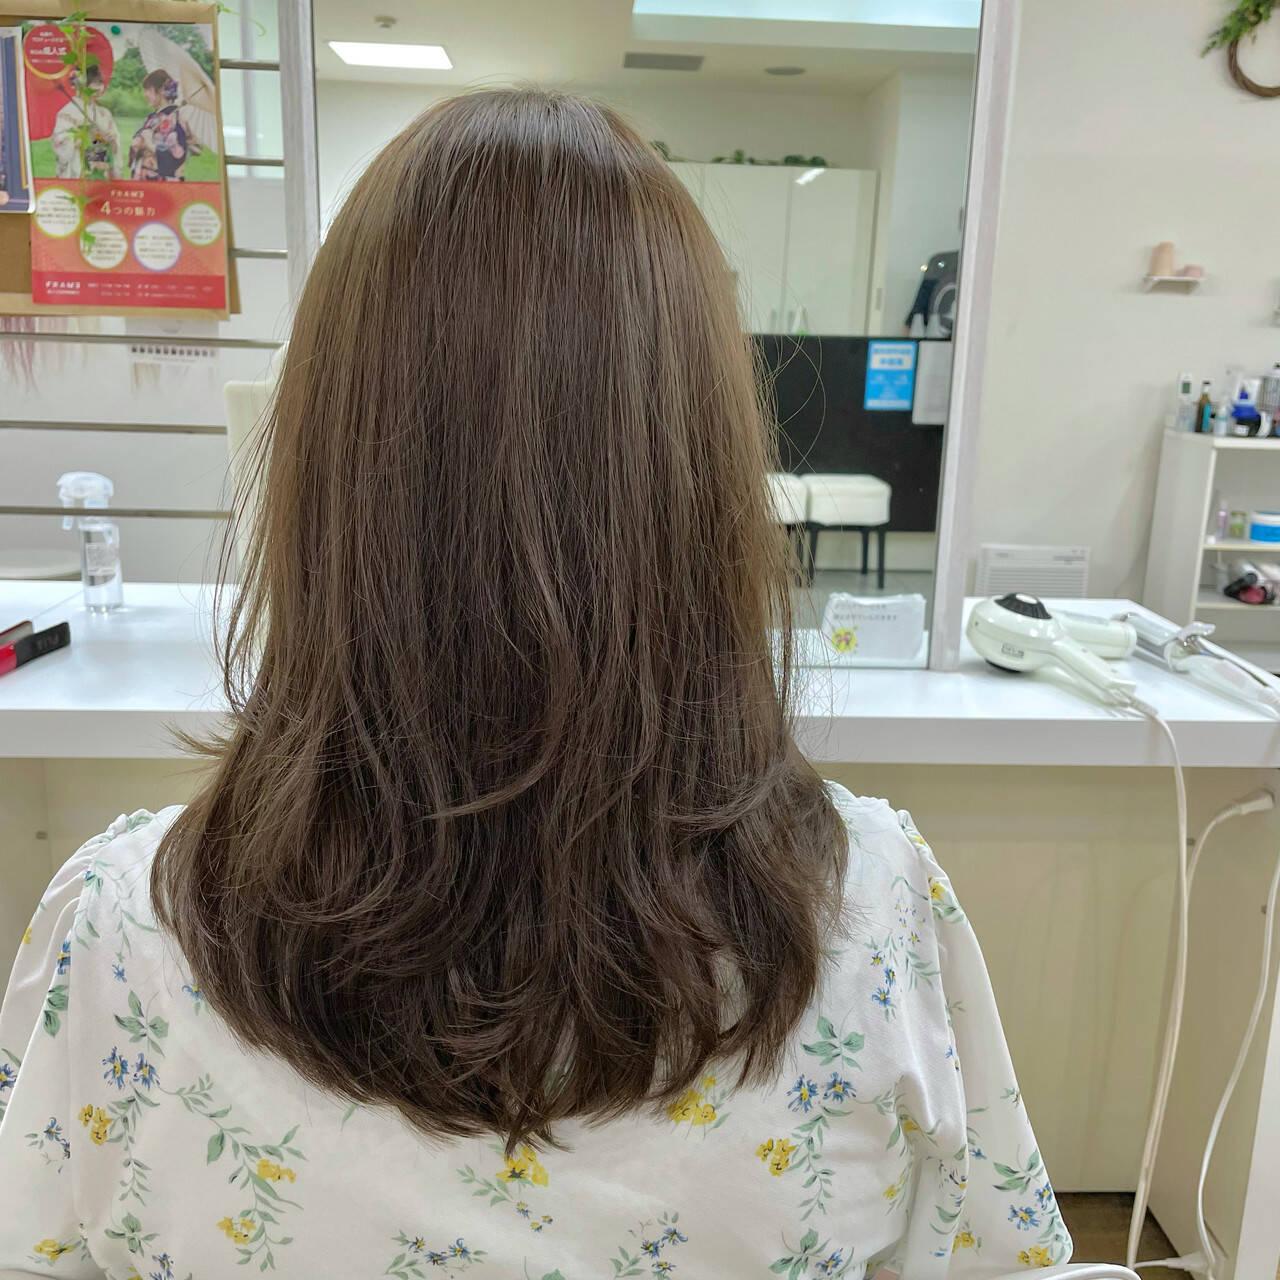 ワンカールスタイリング オリーブカラー コテ巻き ナチュラルヘアスタイルや髪型の写真・画像